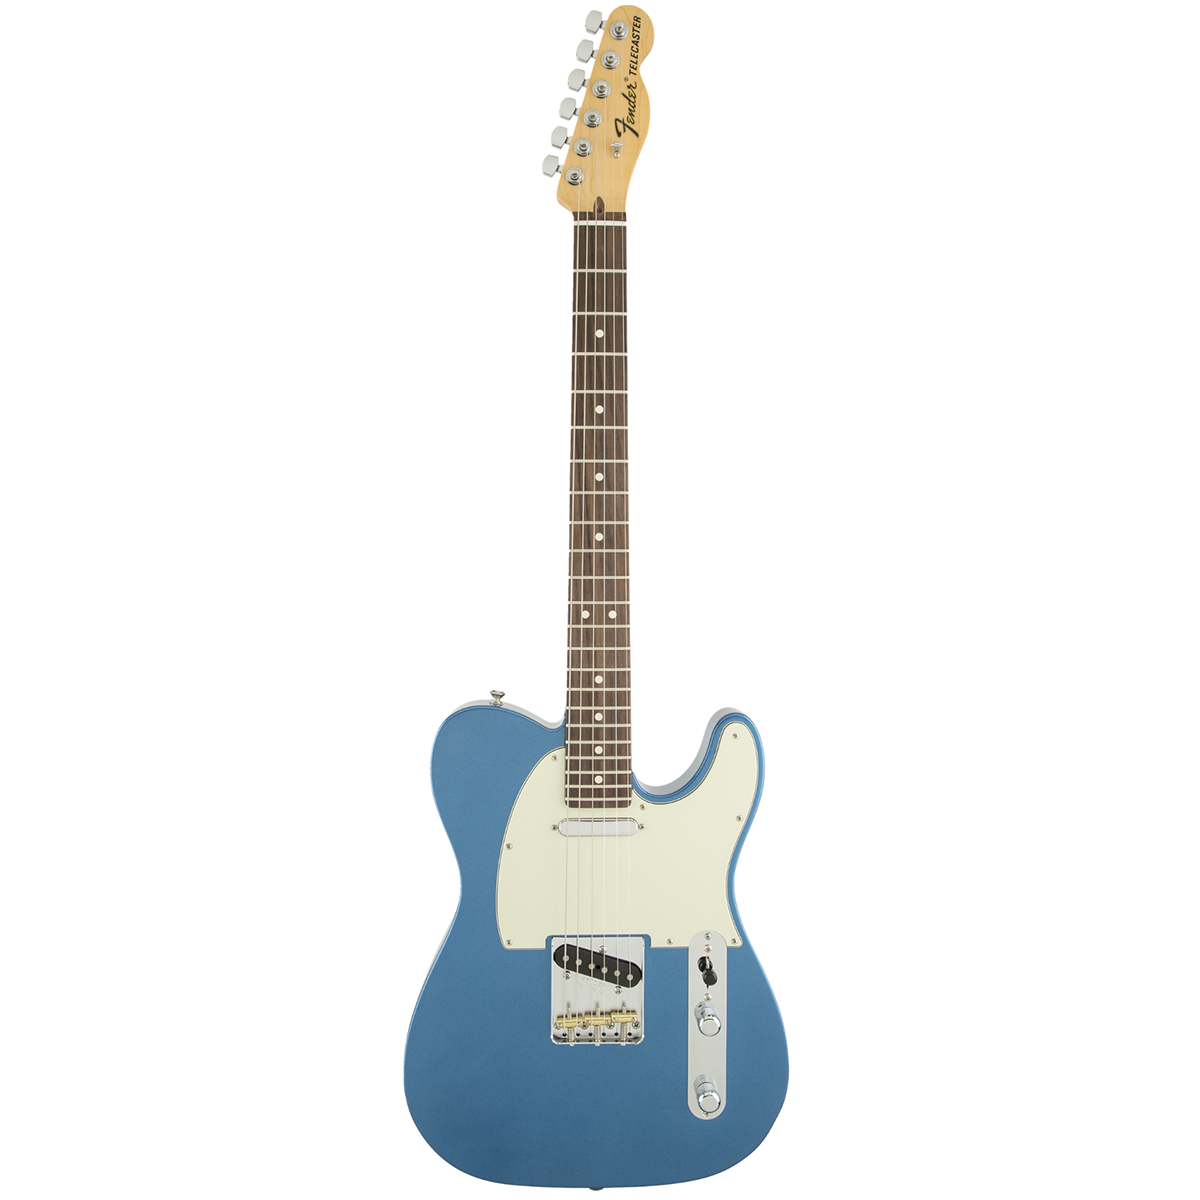 Billede af Fender AmericanSpecialTelecaster,RW,LPB el-guitar lakeplacidblue